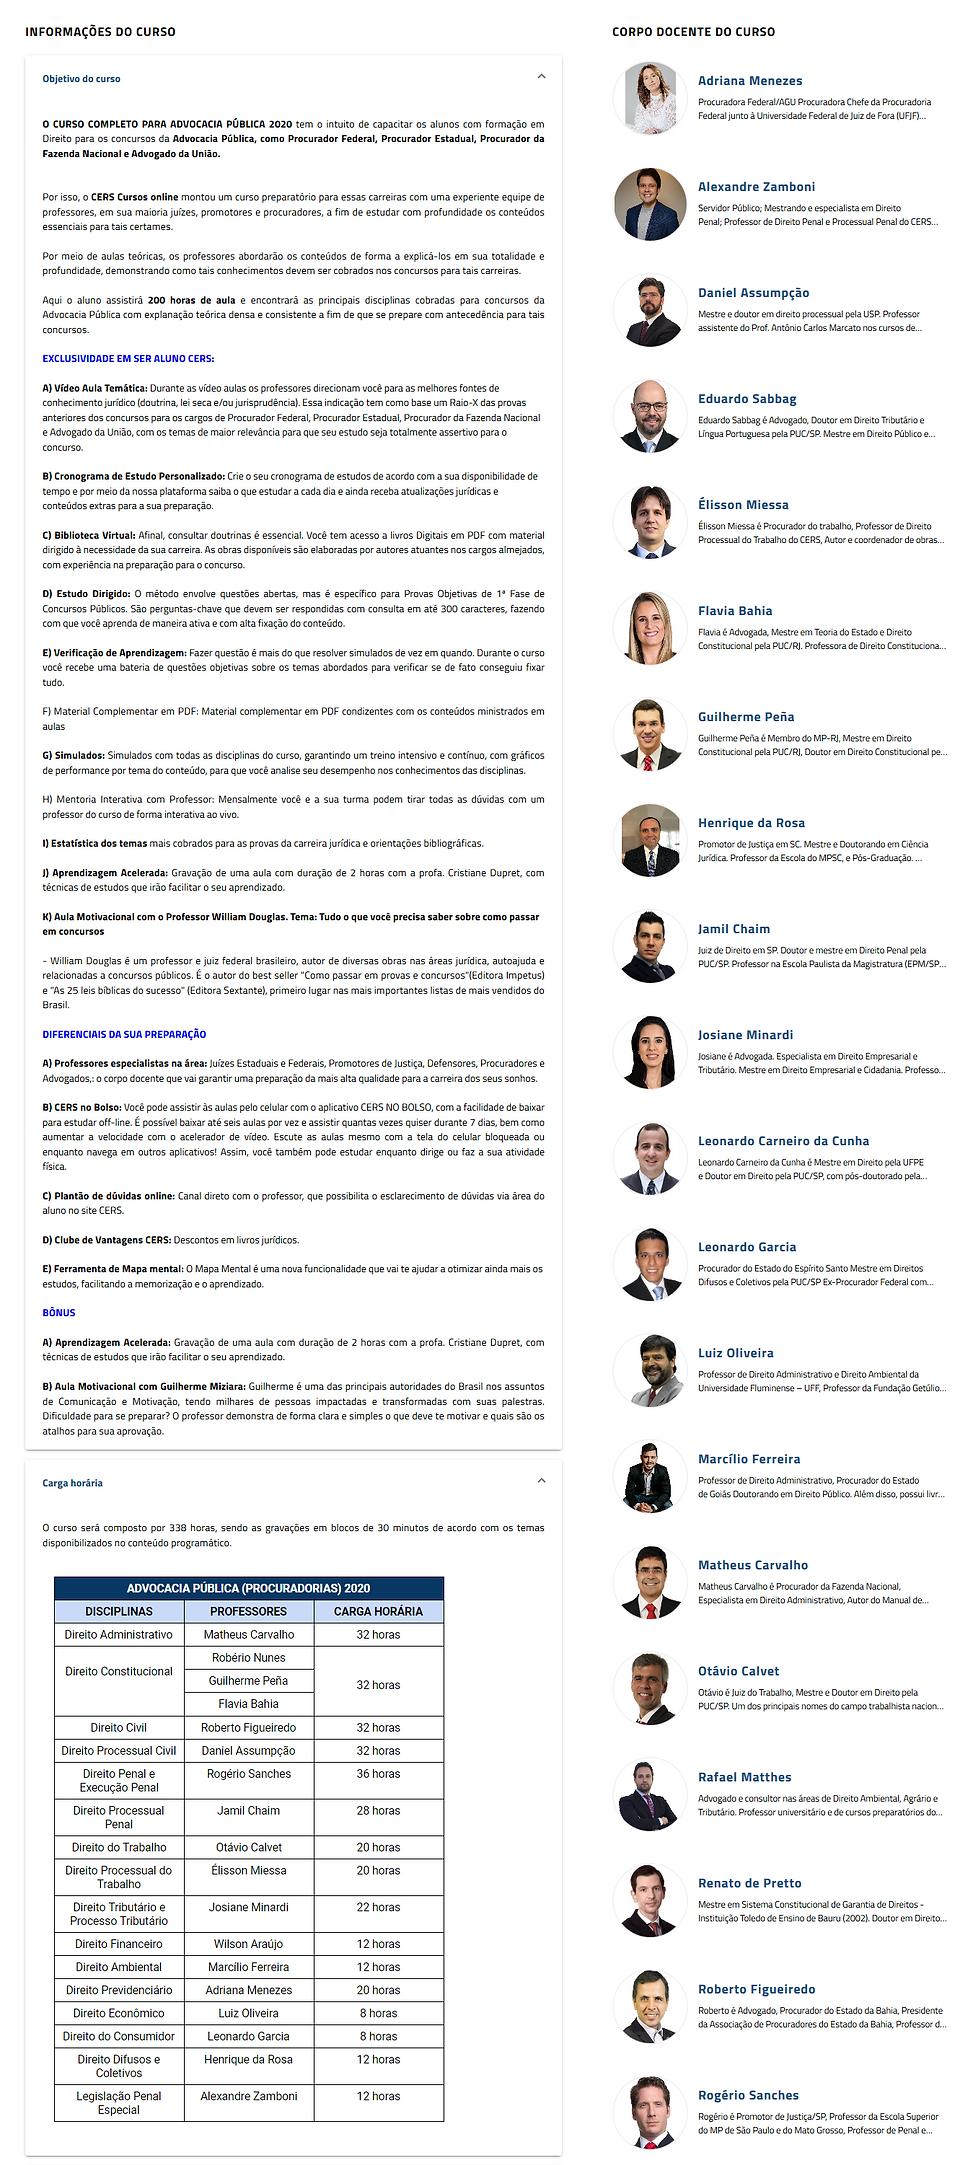 Advocacia publica - CS.png